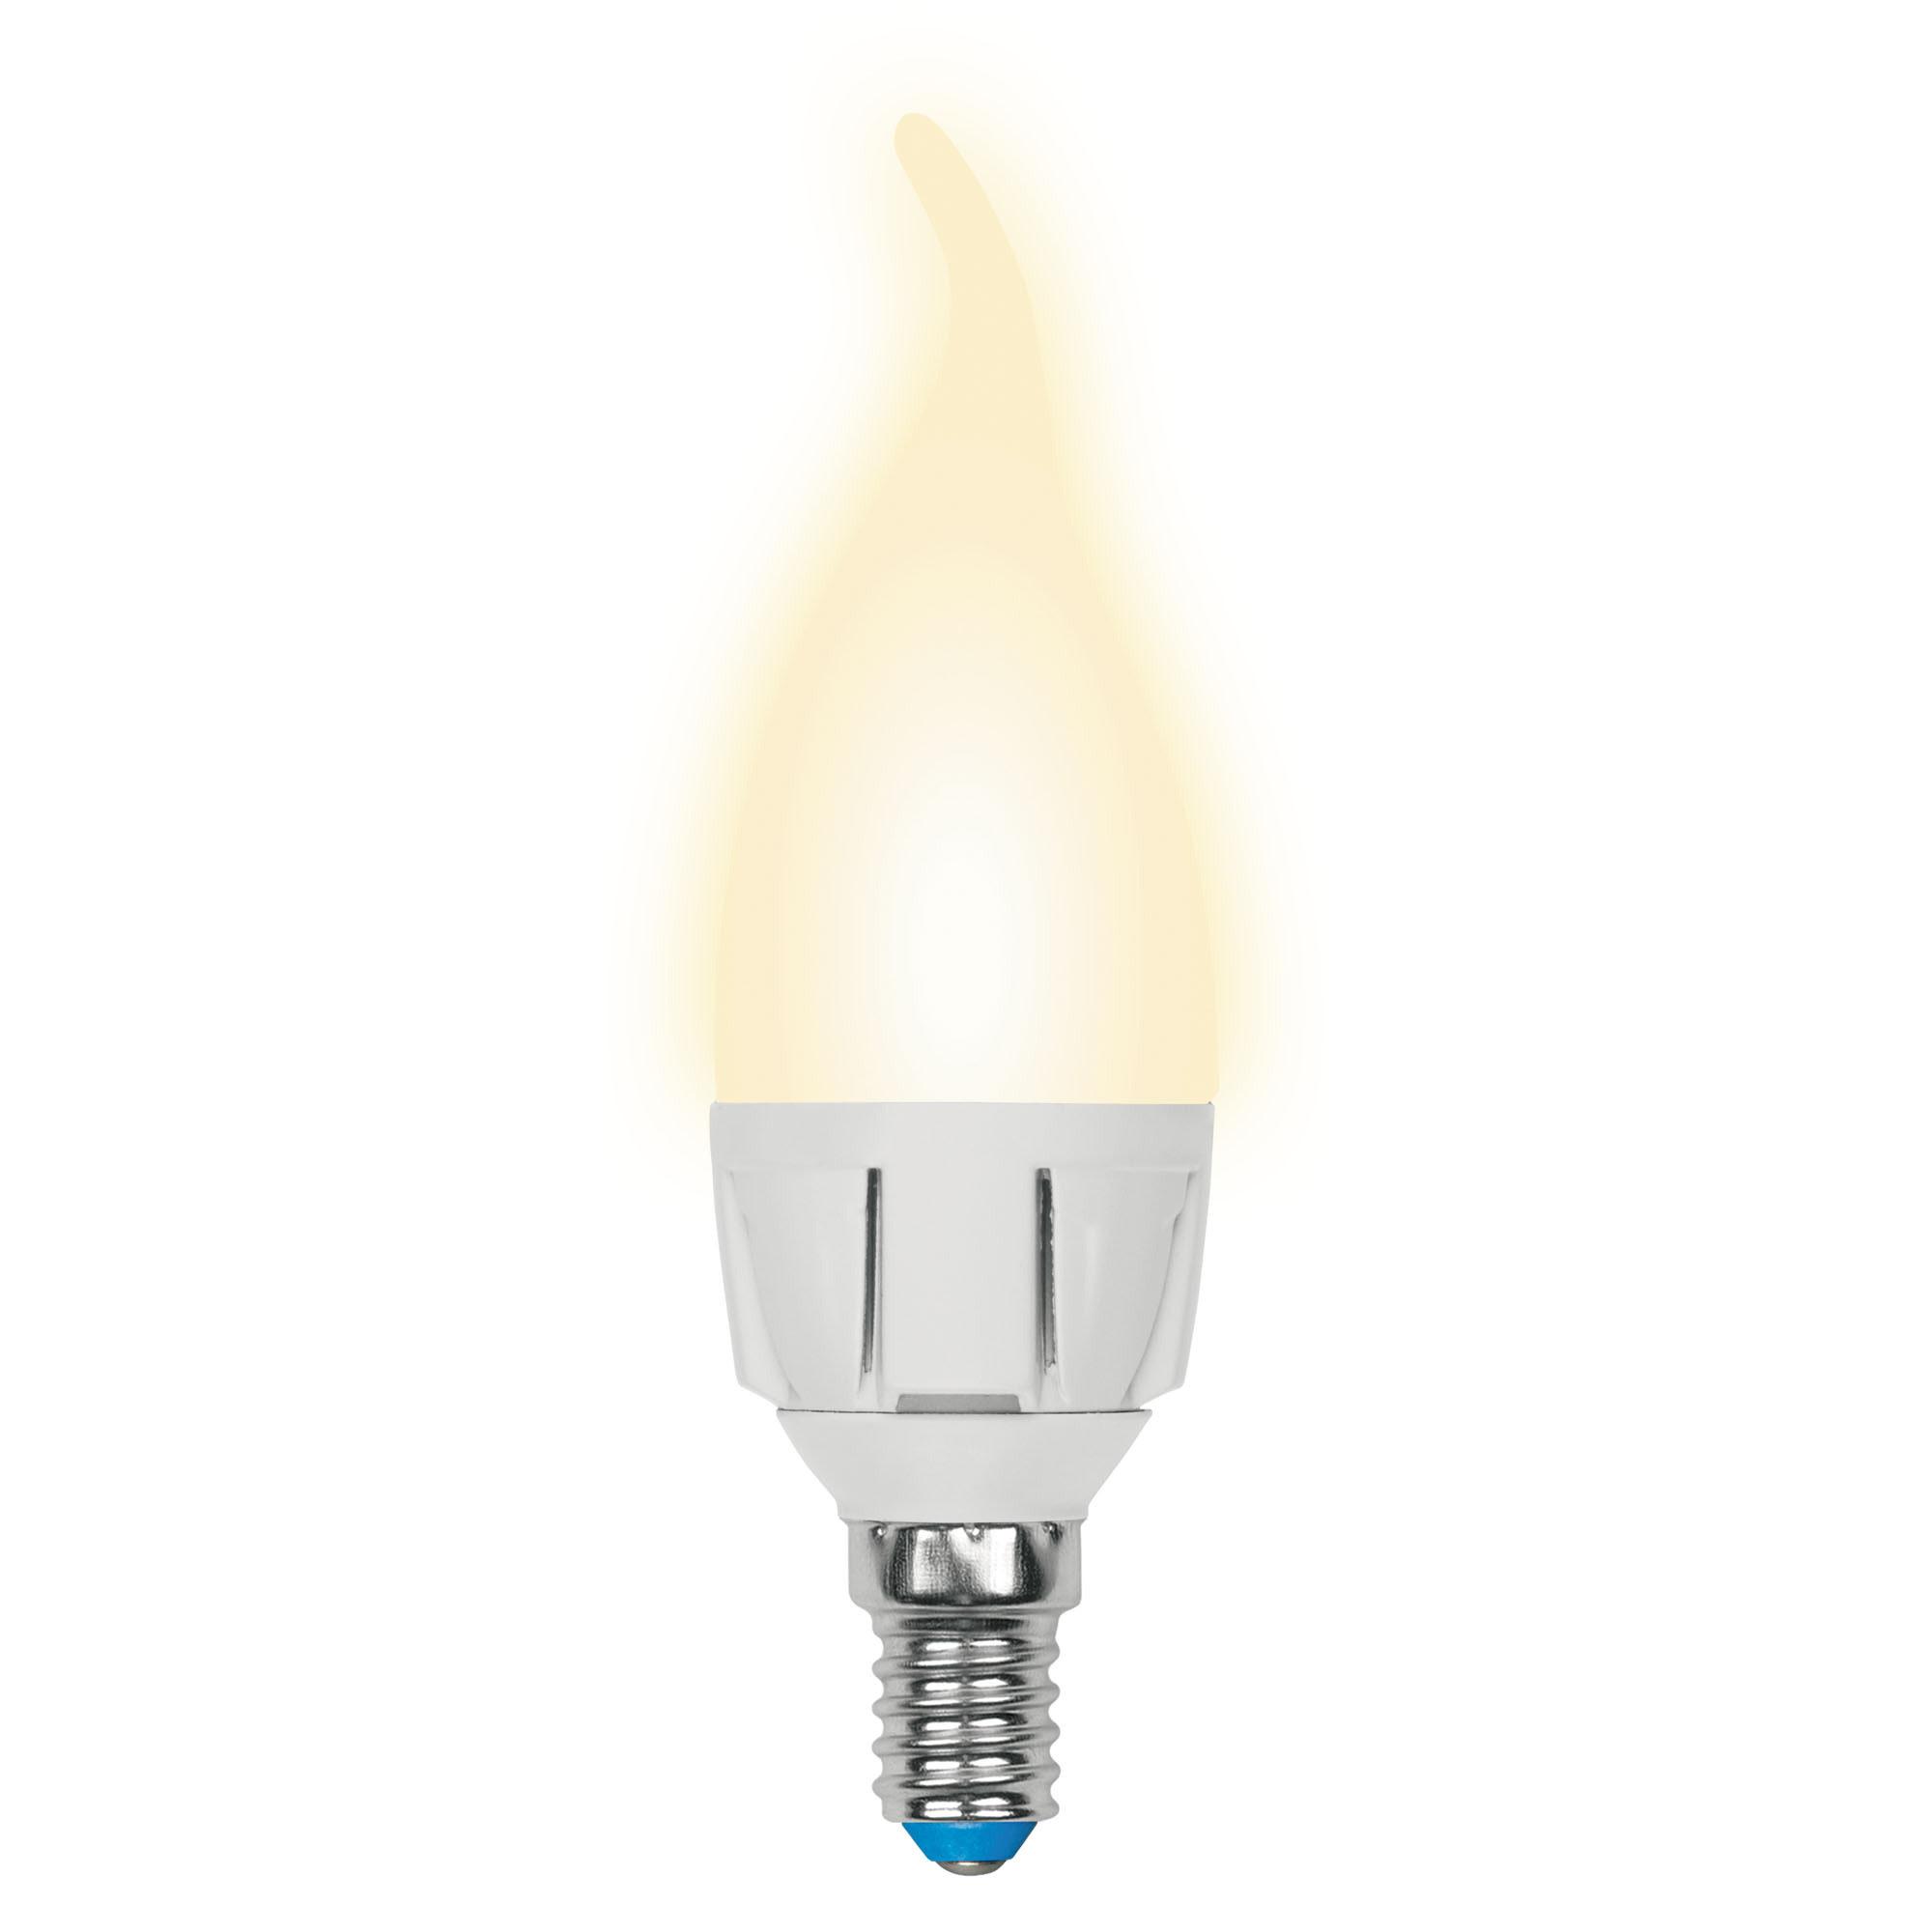 Лампа светодиодная «Яркая» E14 220 В 7 Вт свеча на ветру матовая 600 лм тёплый белый свет